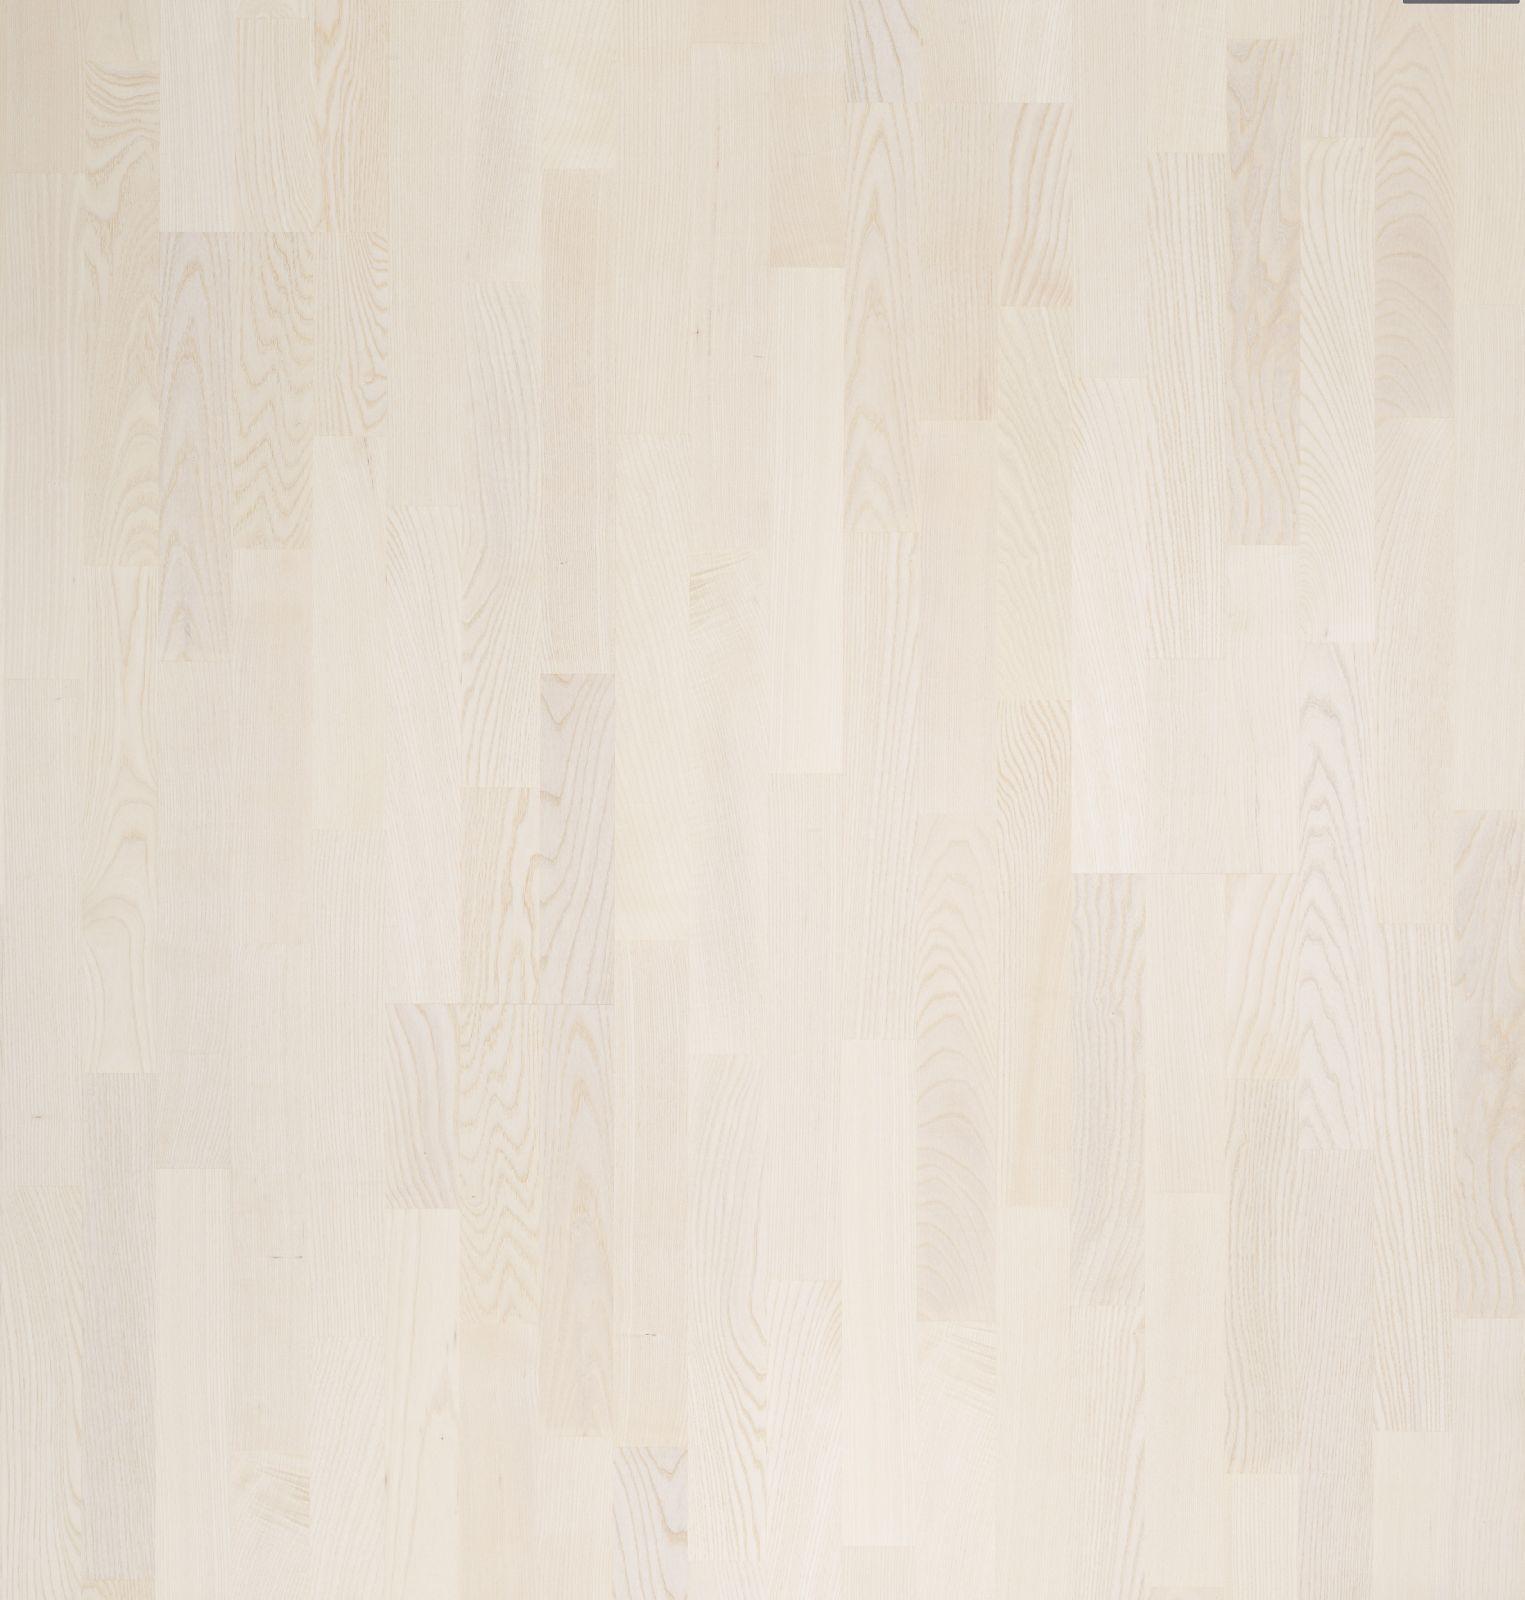 Parketti Parla Saarni Soprano 3-säle mattalakka 2,70 m²/pak